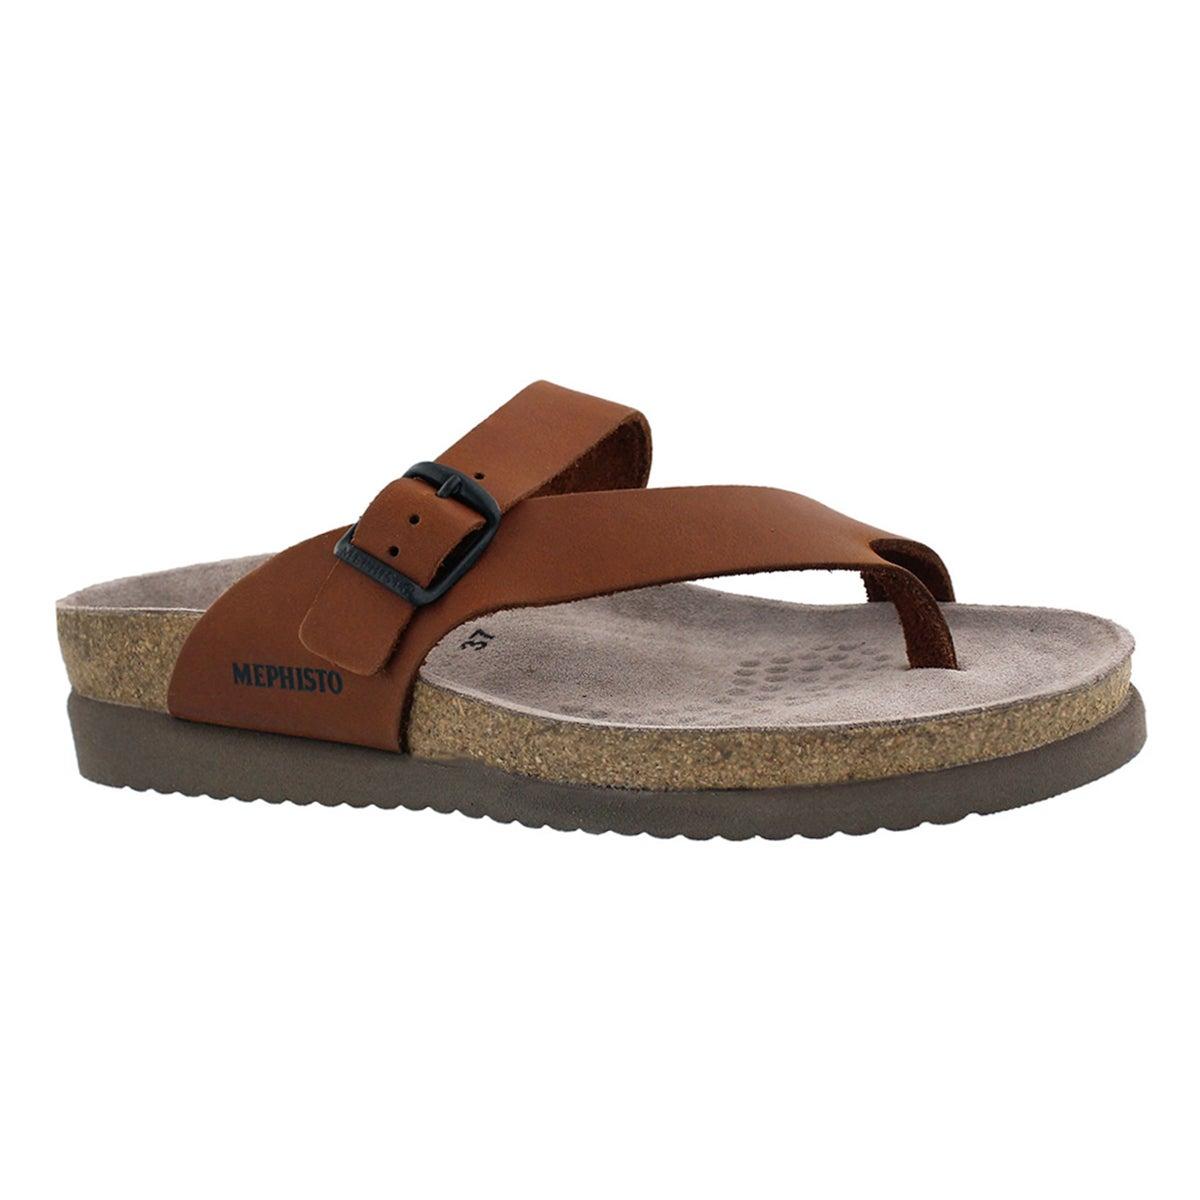 Women's HELEN brown cork footbed thongs